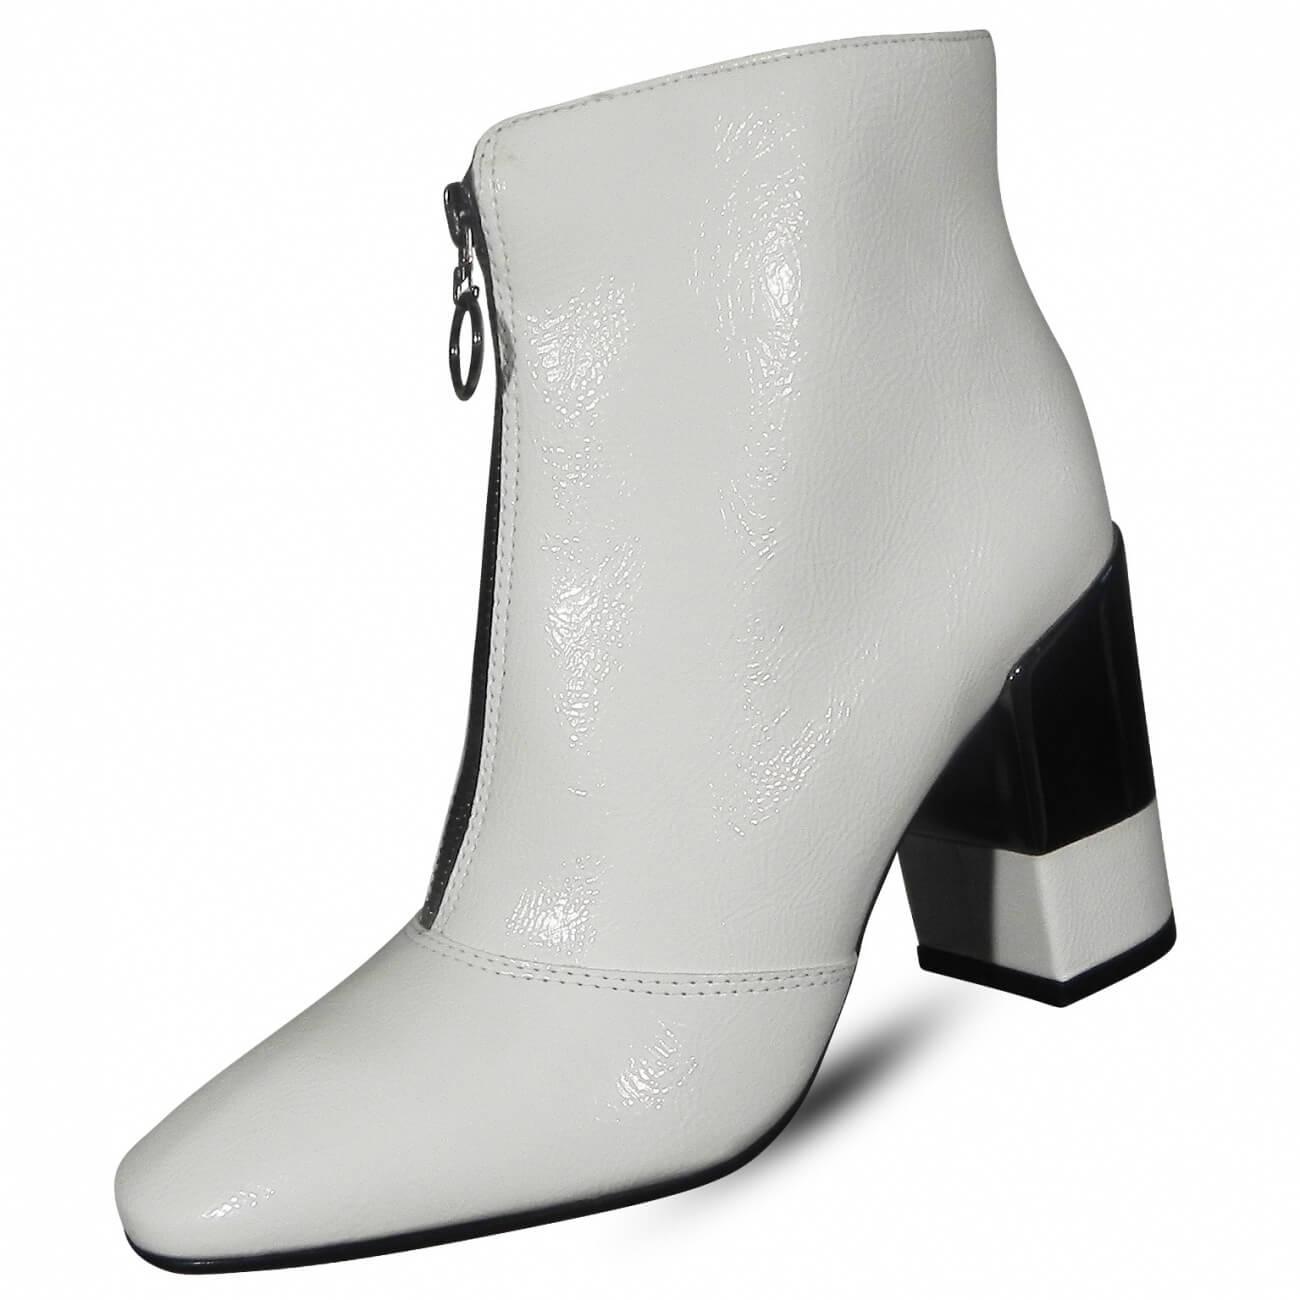 6caf33e16 Bota Branca em Verniz Molhado Suzana Santos - Pole Modas